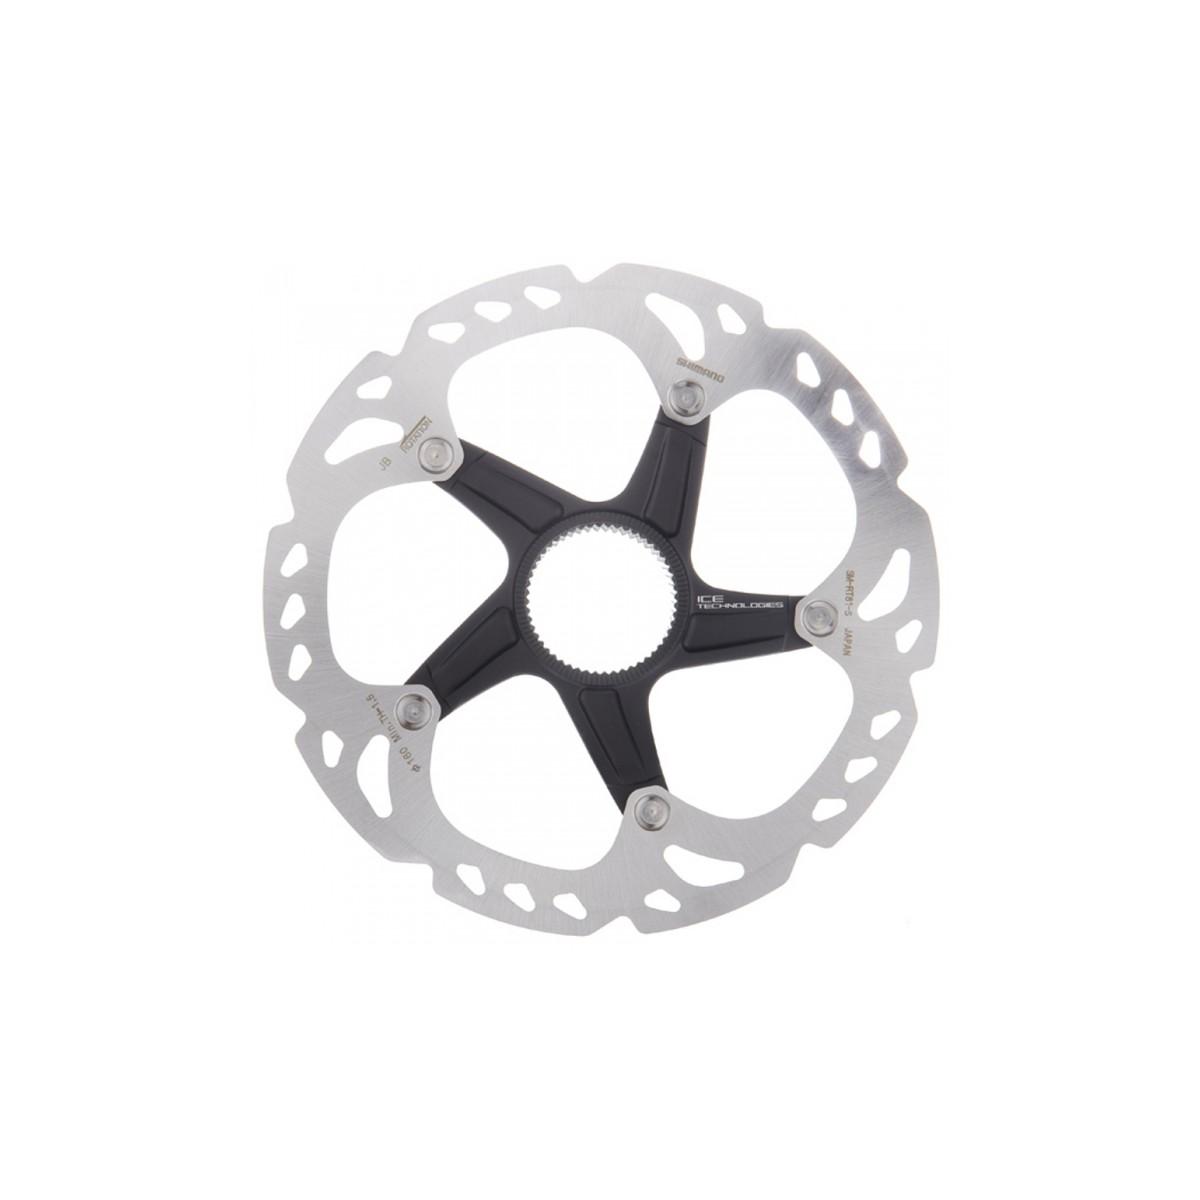 environ 15.24 cm Lot de 4 Brochette type Essieu Vélo US Vendeur Hayes Disque de frein avant Adaptateur 6 in